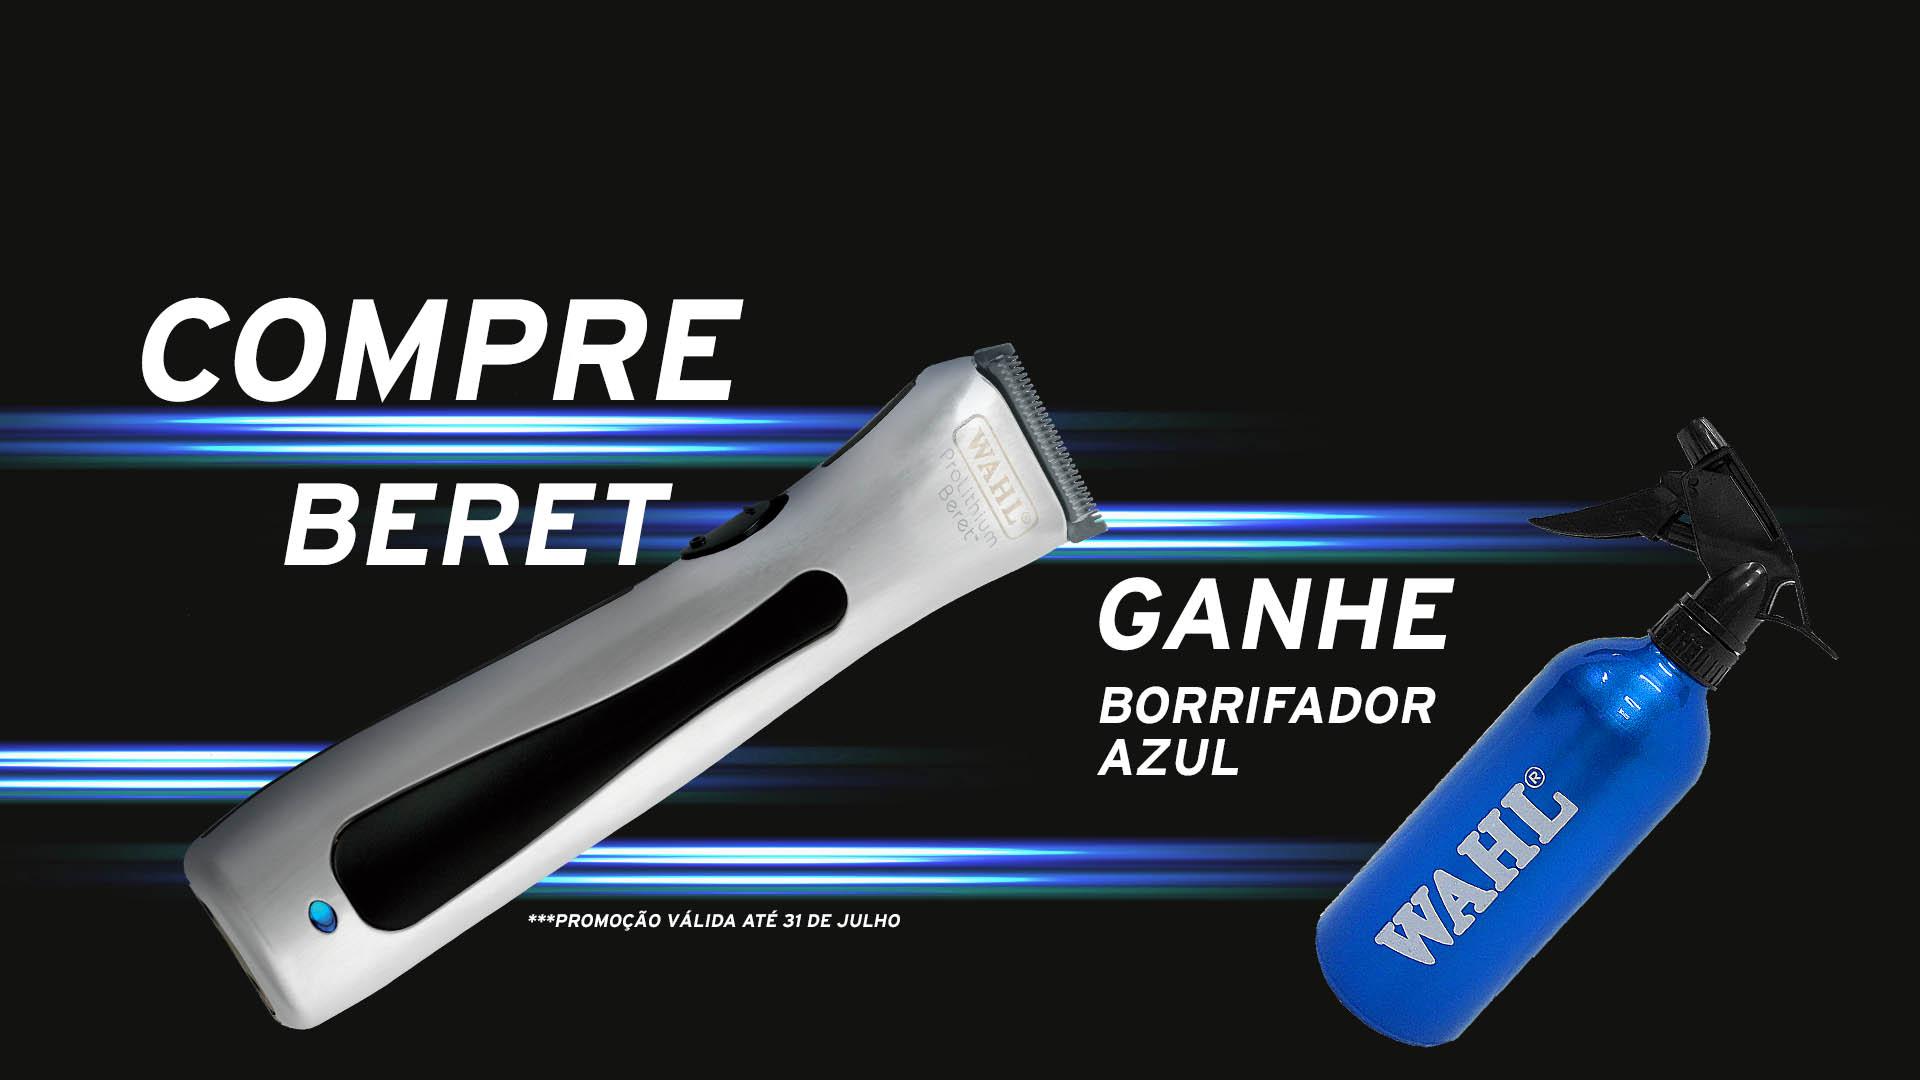 Beret-Borrifador-desktop